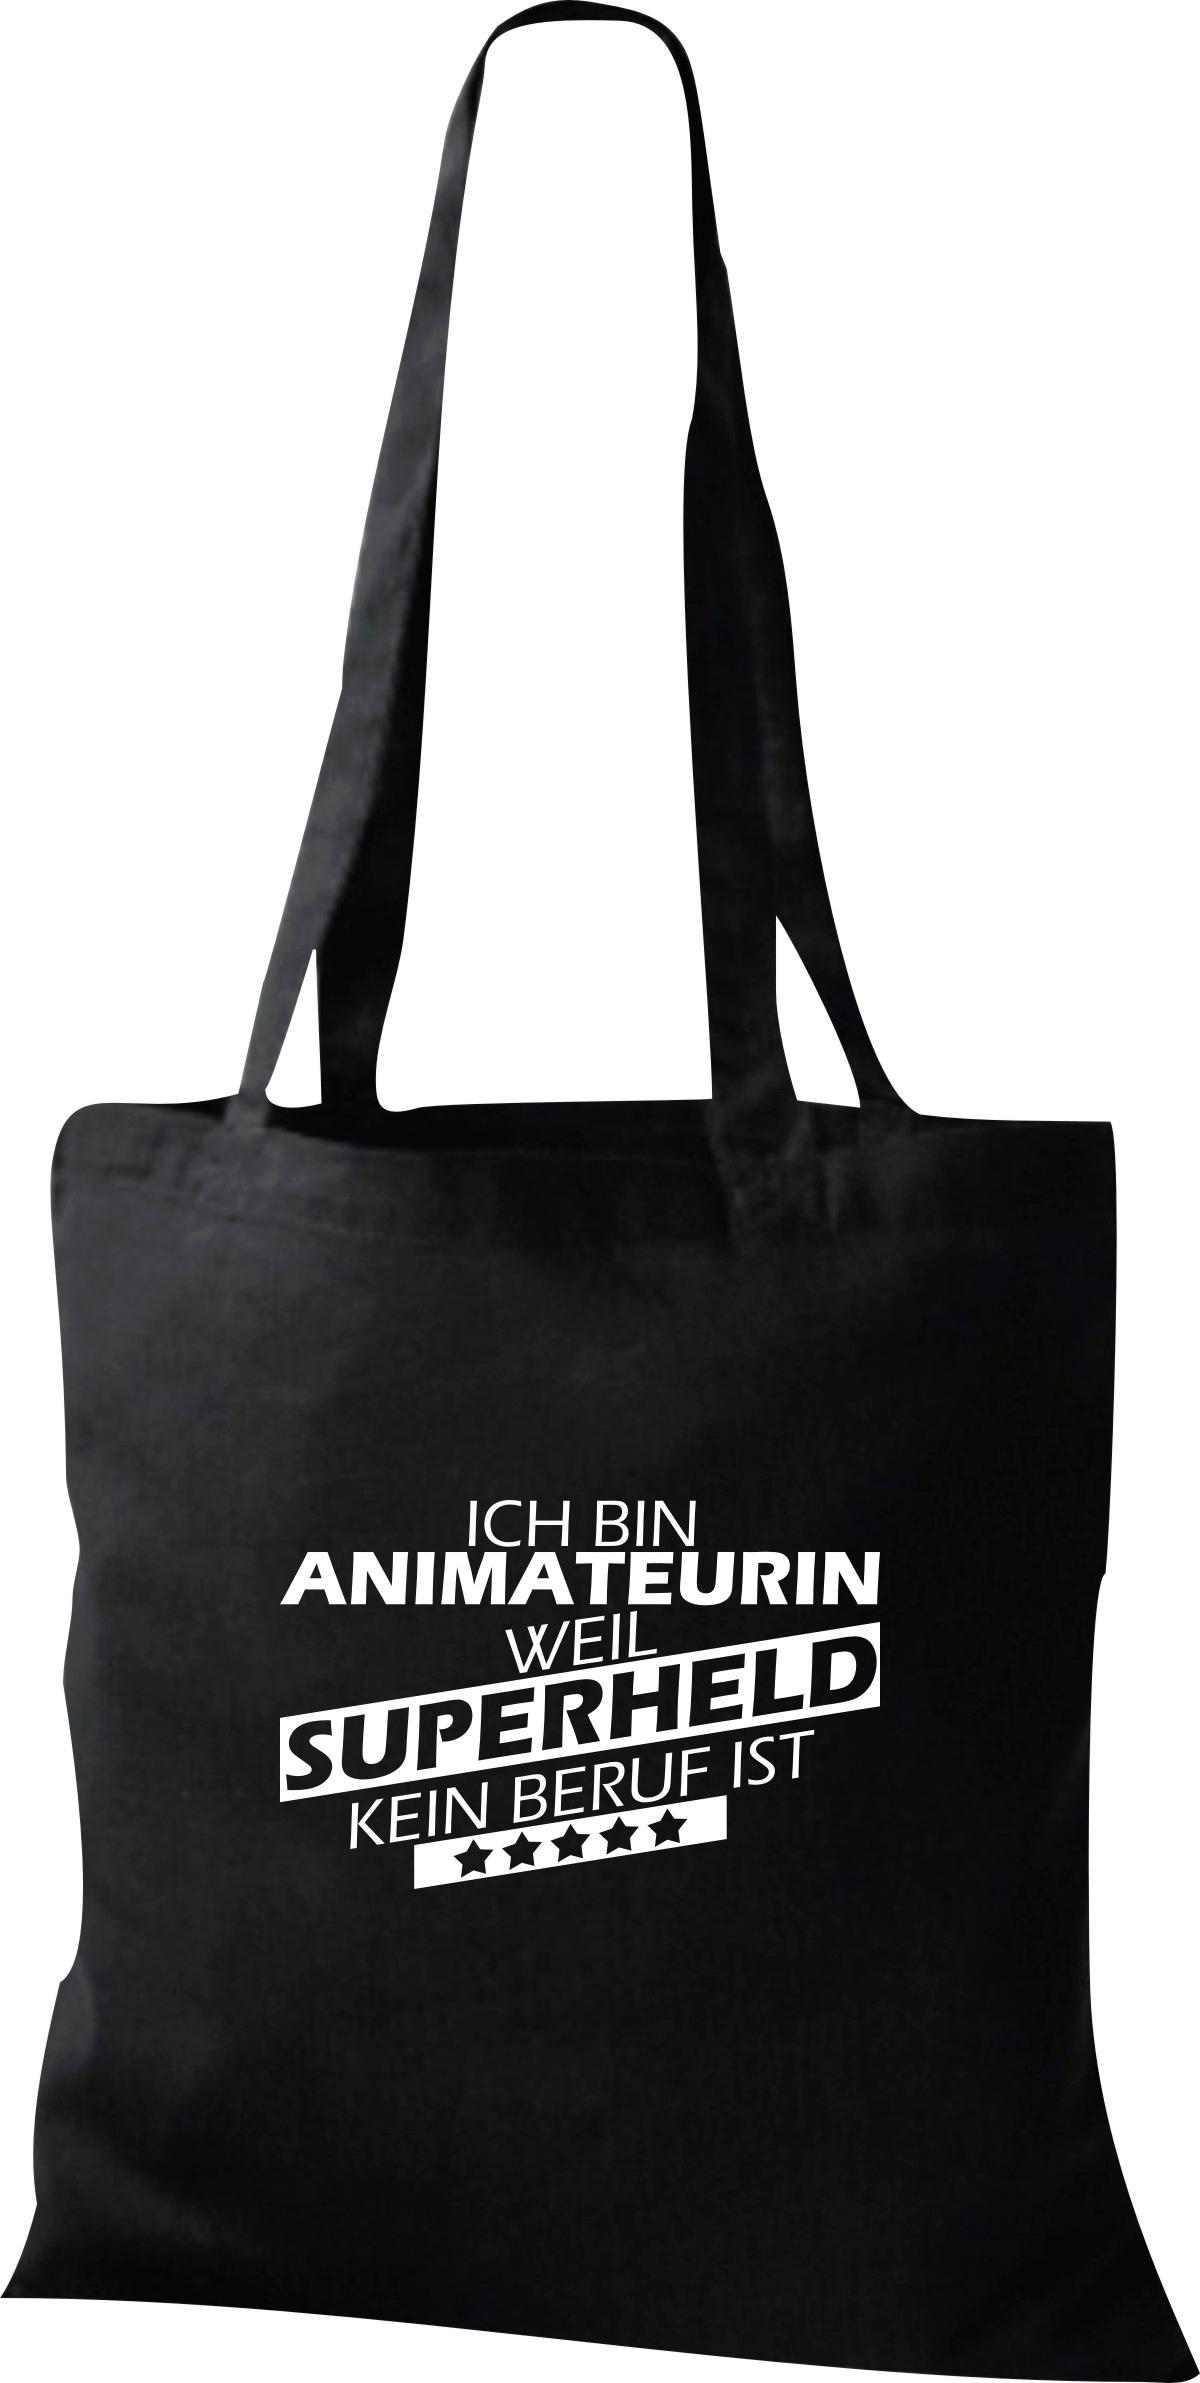 Organic-Shopper-Ich-bin-Animateurin-weil-Superheld-kein-Beruf-ist